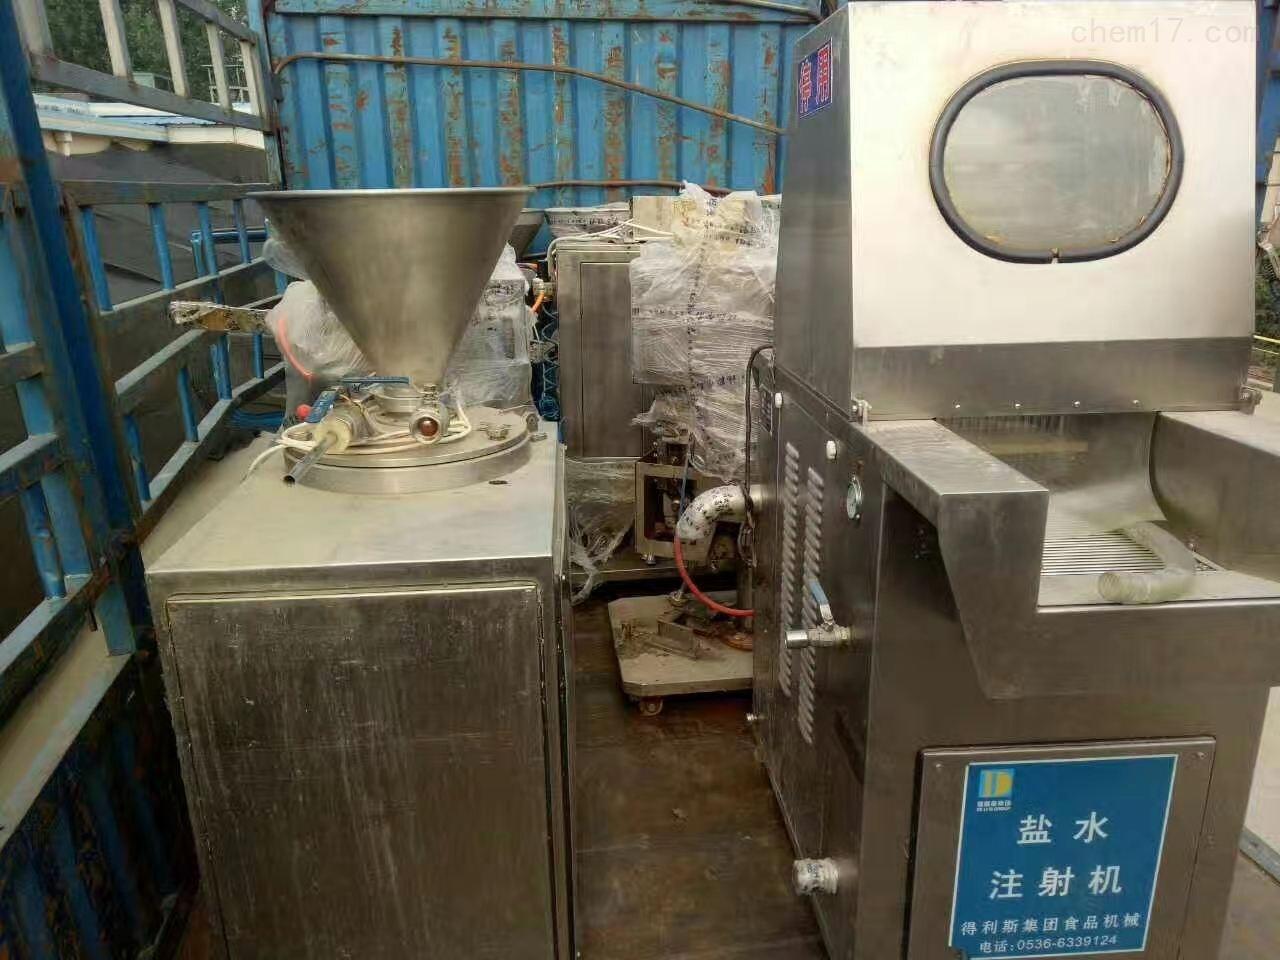 回收二手牛肉盐水注射机肉类腌制加工设备